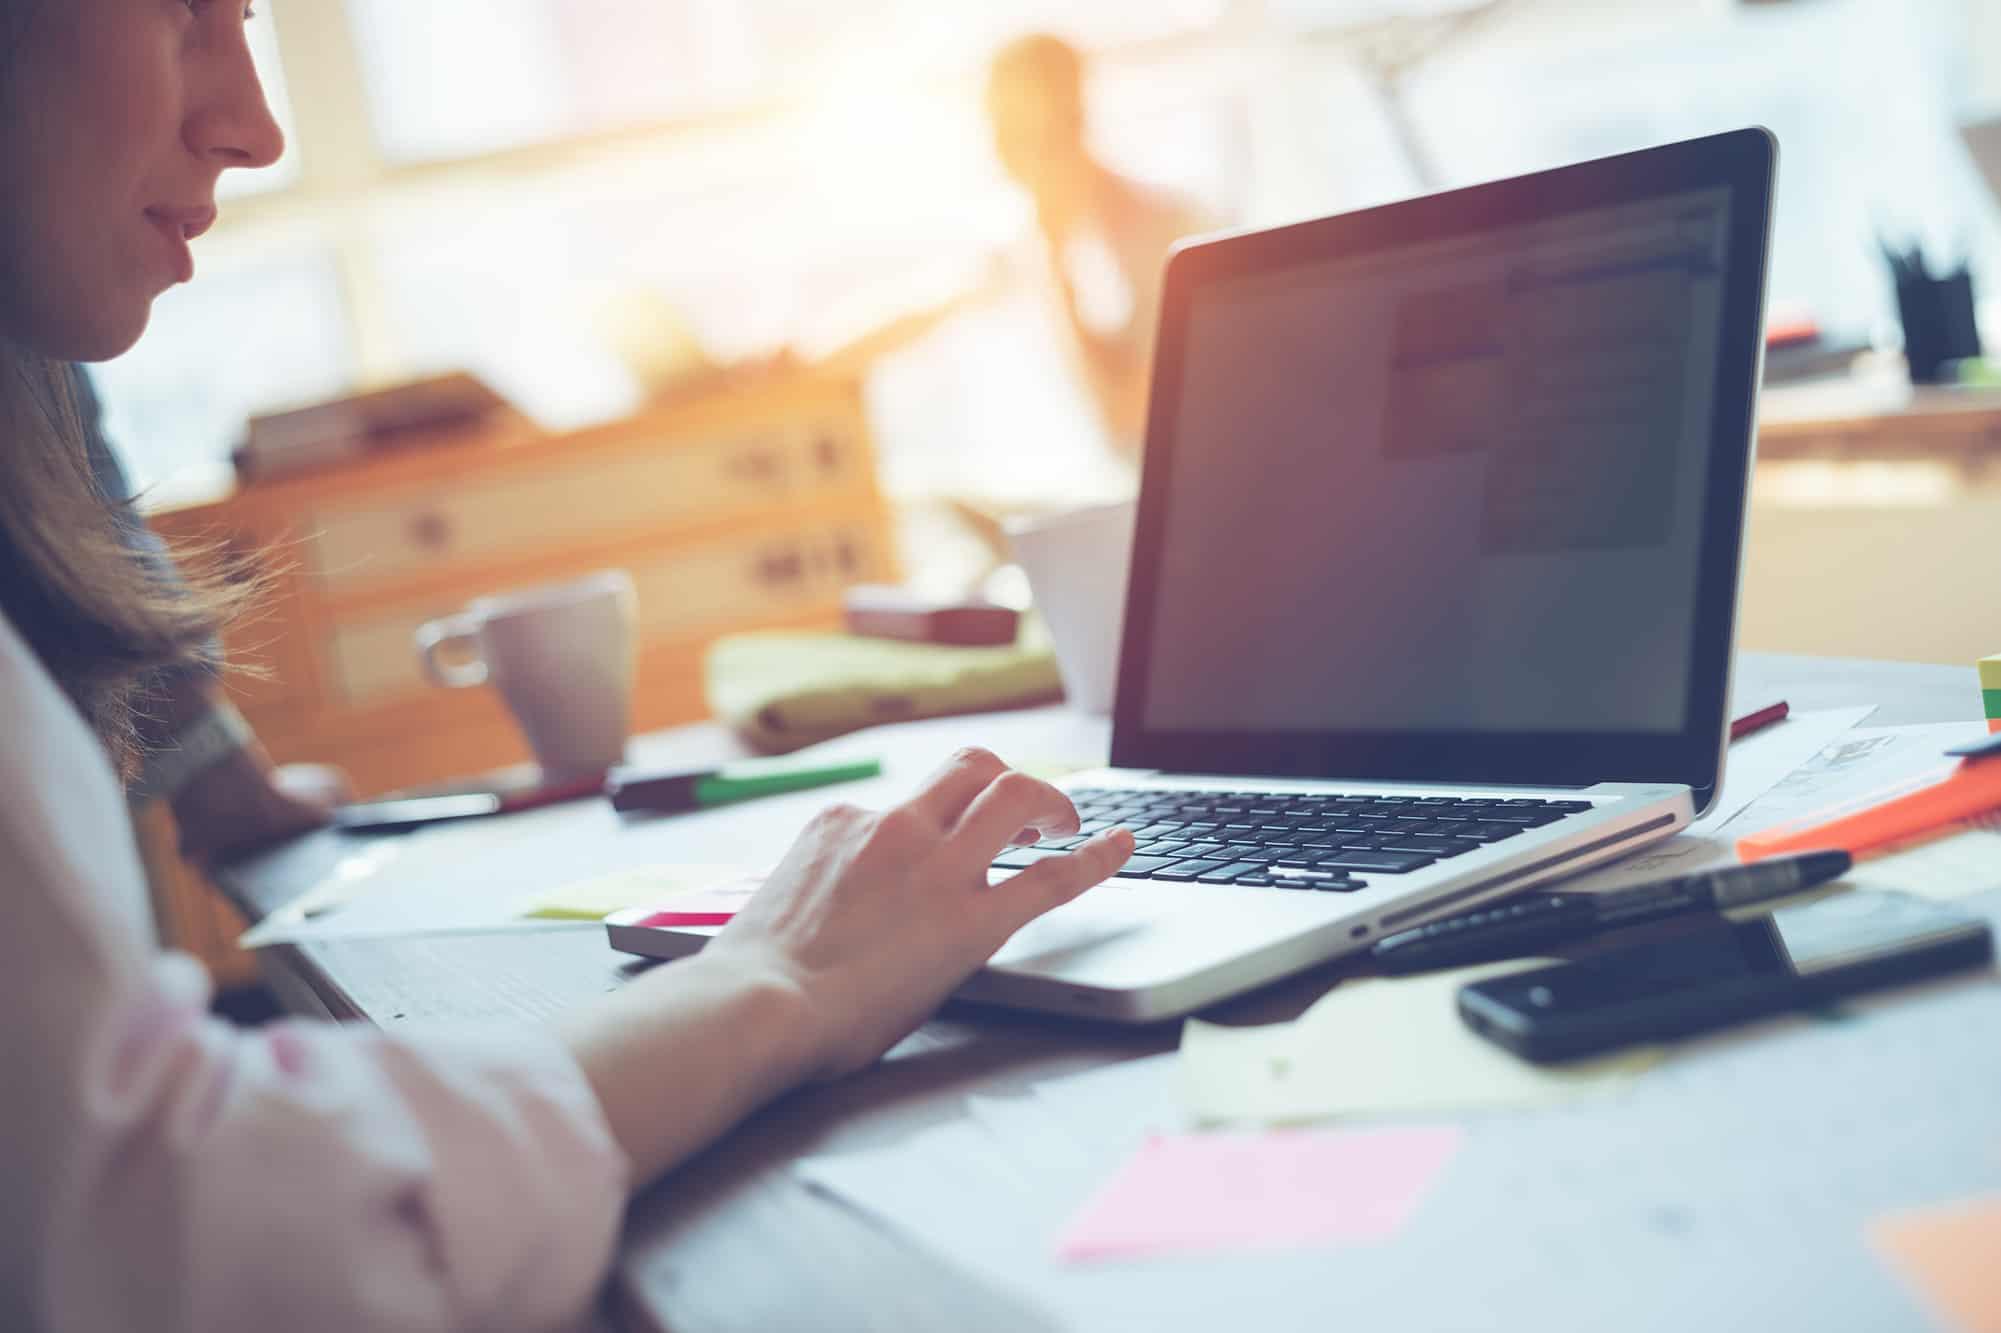 Kvinnlig regnskapsfører som jobber hos et regnskapsbyrå med en Apple laptop